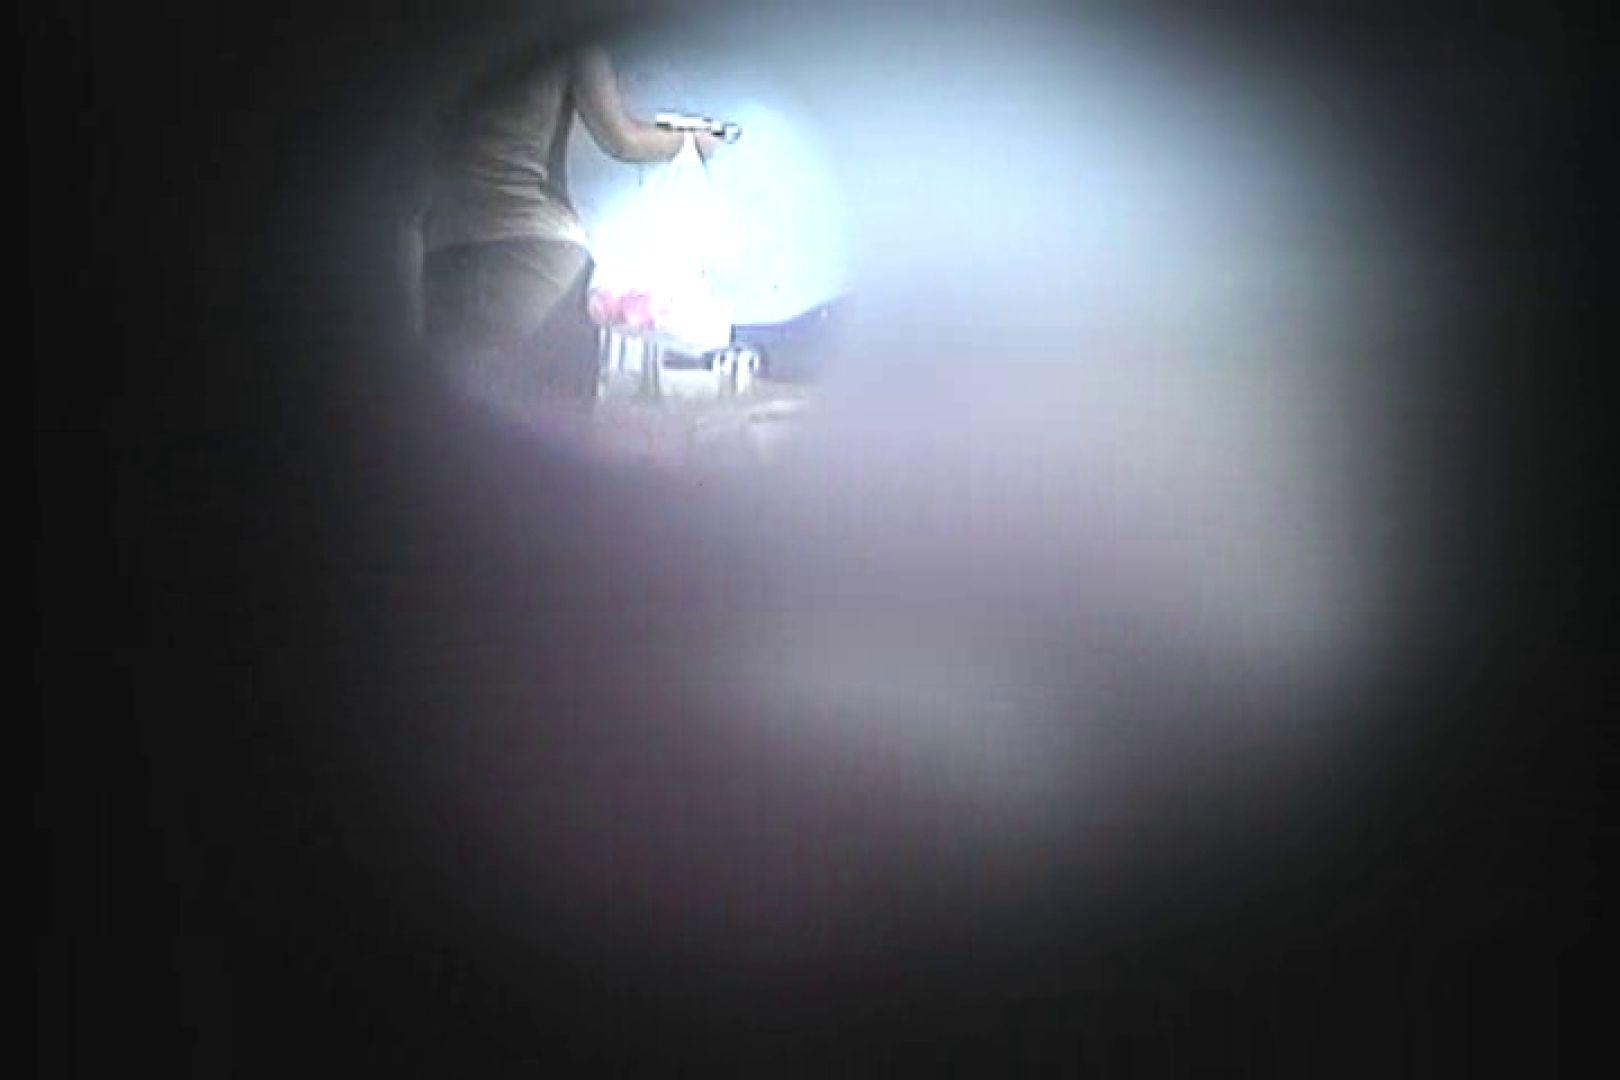 サターンさんのウル技炸裂!!夏乙女★海の家シャワー室絵巻 Vol.01 OL | シャワー中  103連発 61